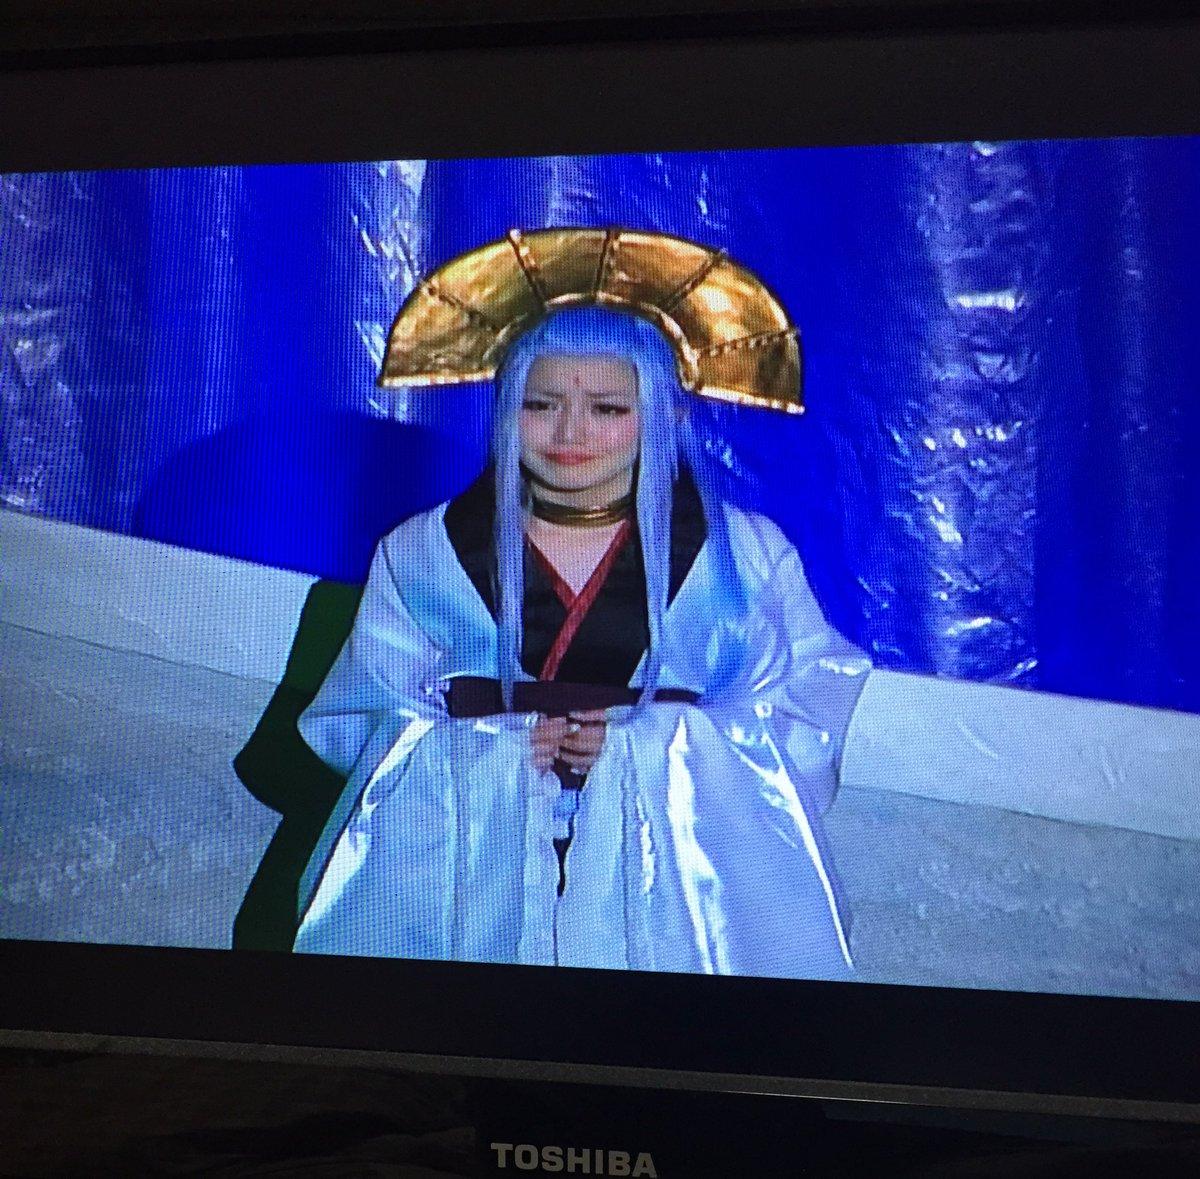 ⚡️鳴神姫♡  この役は可愛くてカッコイイ❗️ ミュージカルだから一人で歌いながら踊るシーンがあって、大変そうだったけど